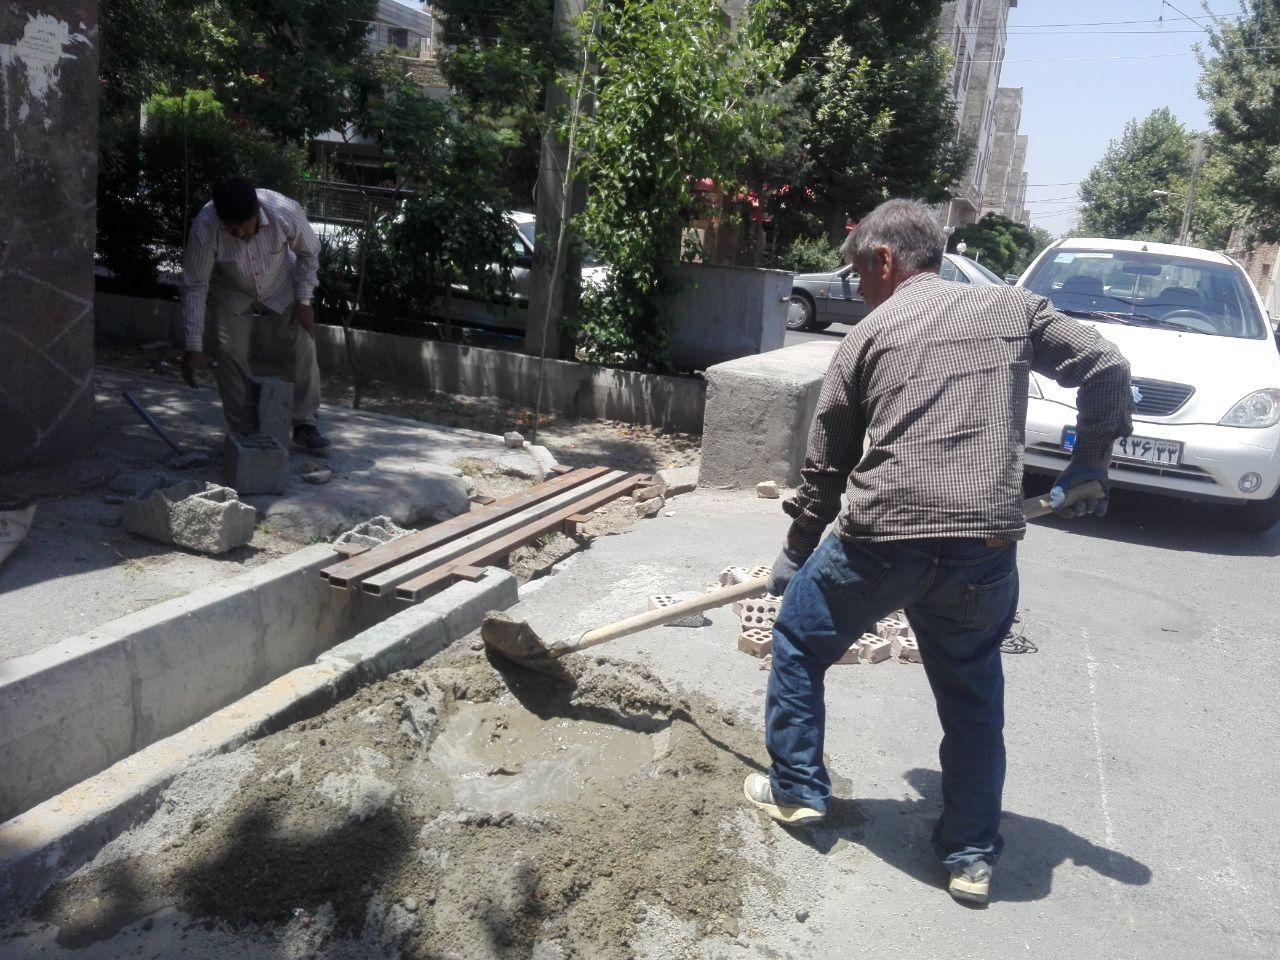 ساخت و نصب پل پیاده راه به سواره راه ابتدای خیابان لاله های انقلاب دوم